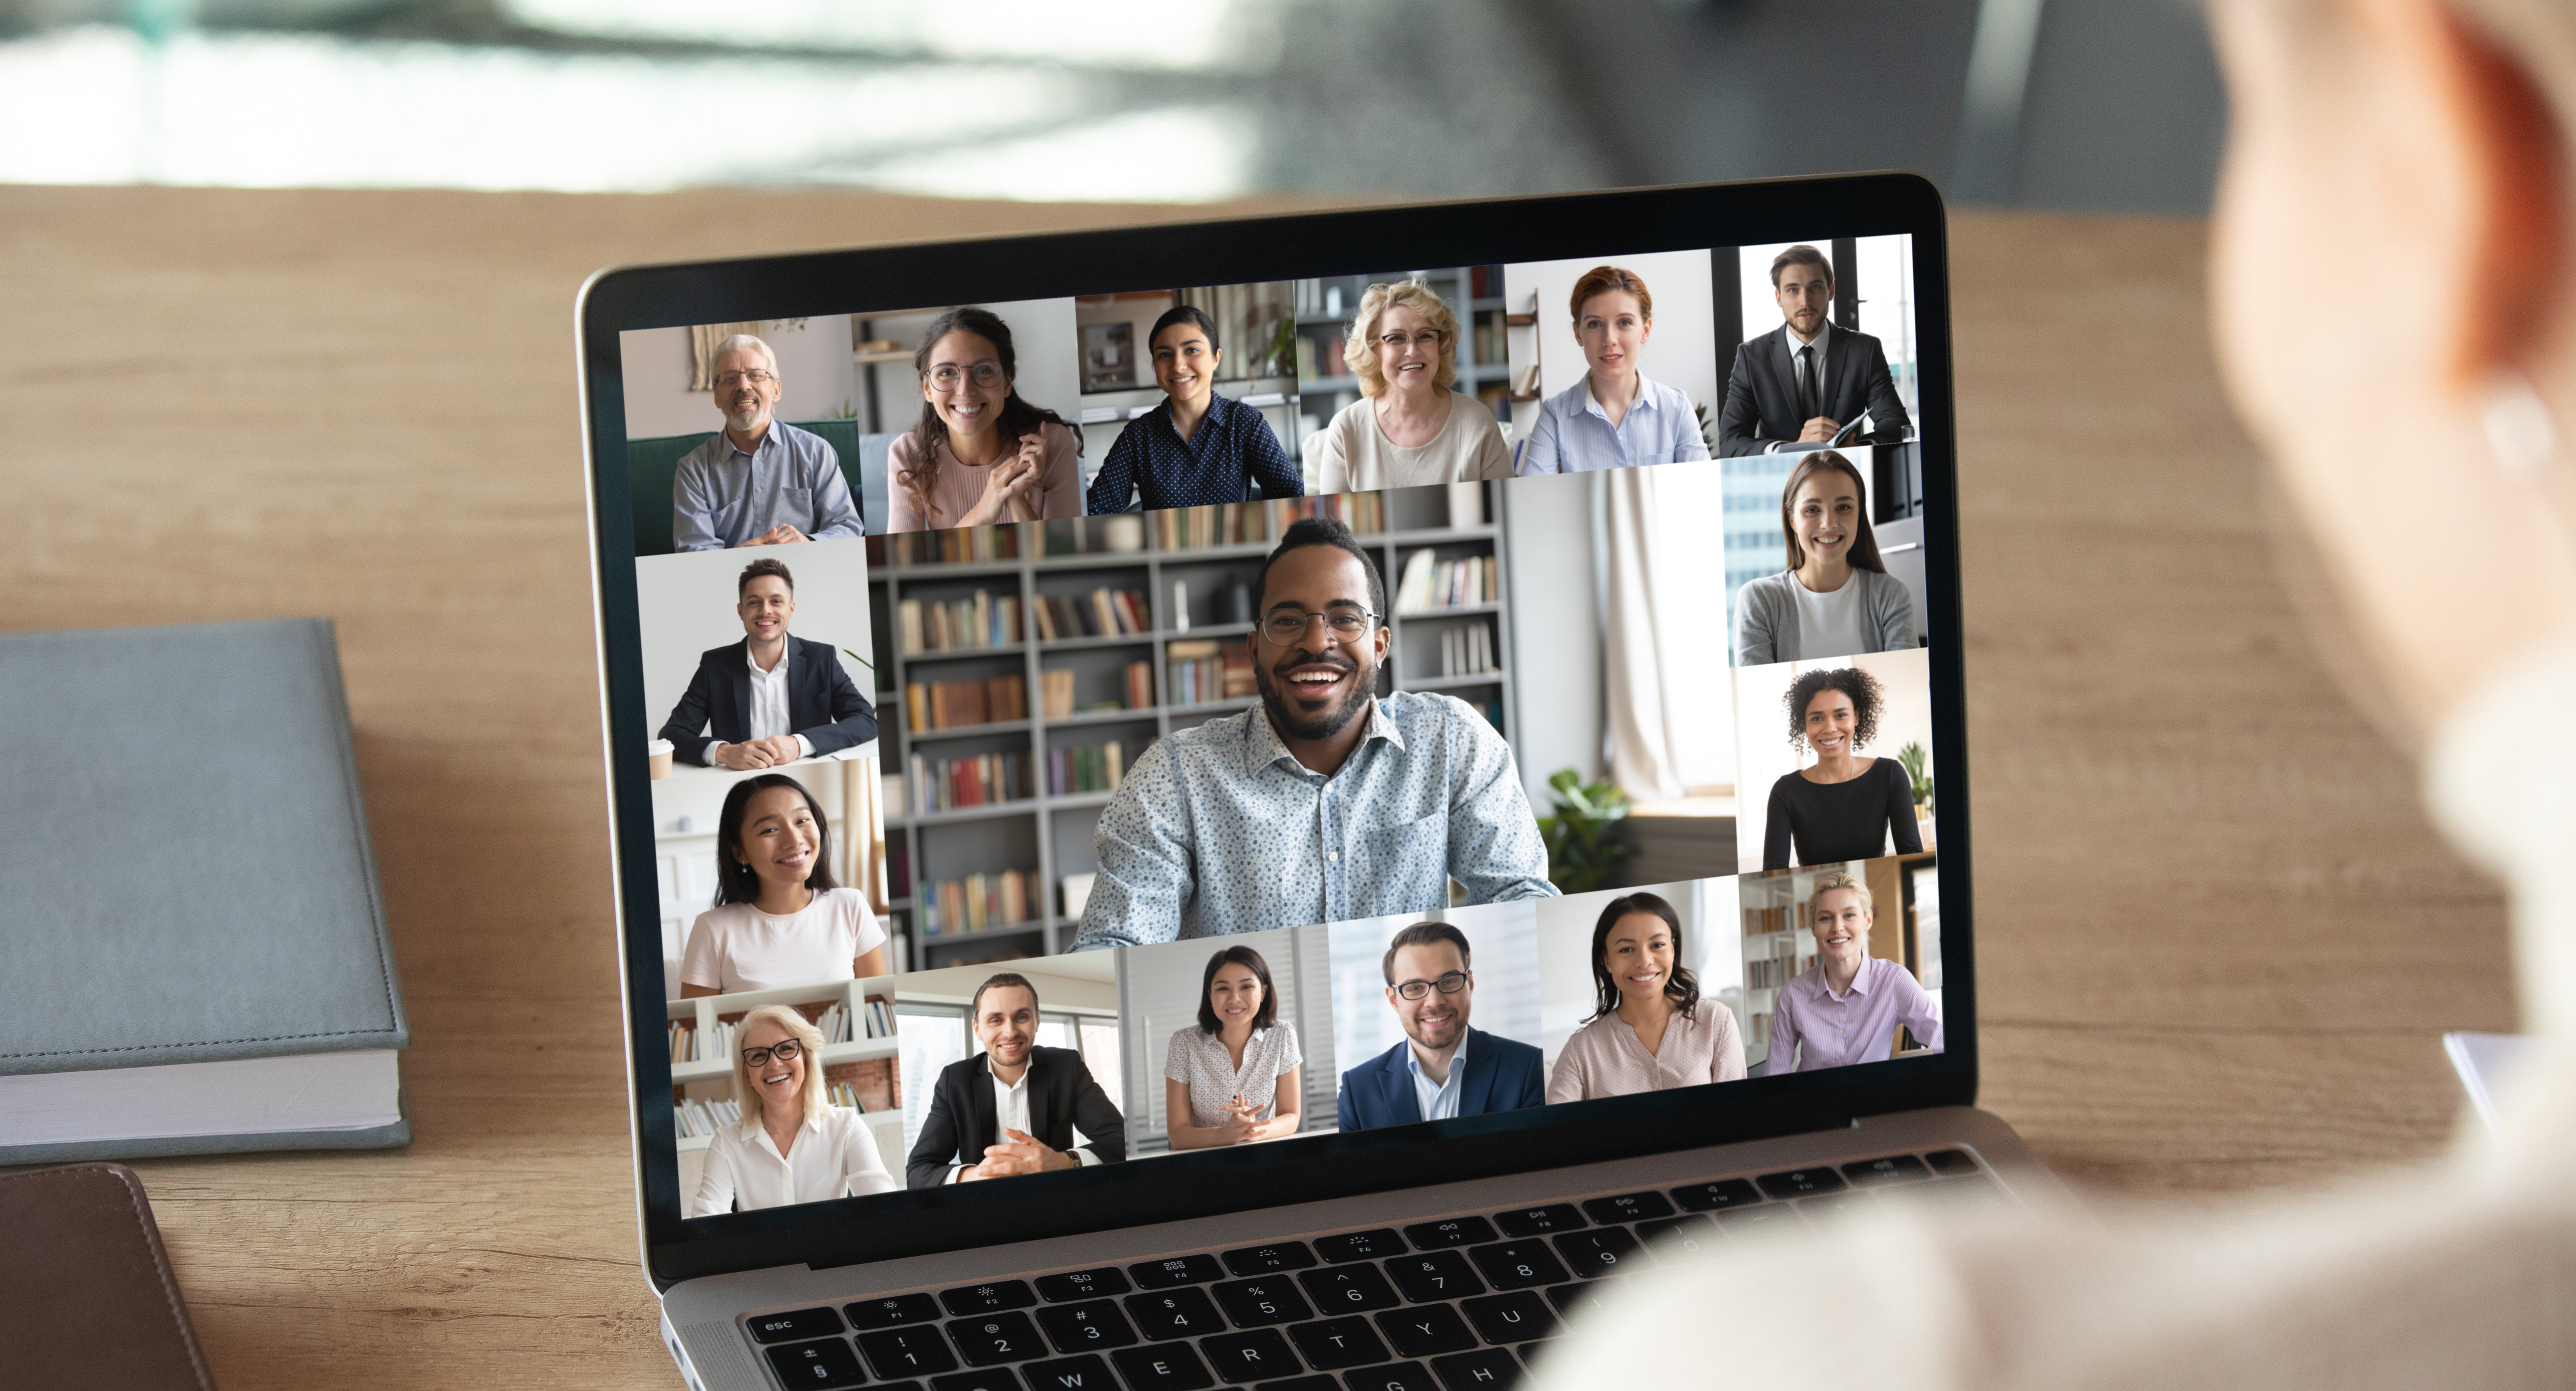 Rendre accessibles et inclusives réunions et webinaires en visioconference - Les prestations de sous-titrage en temps réel à distance réalisées par les interprètes de l'écrit du Messageur